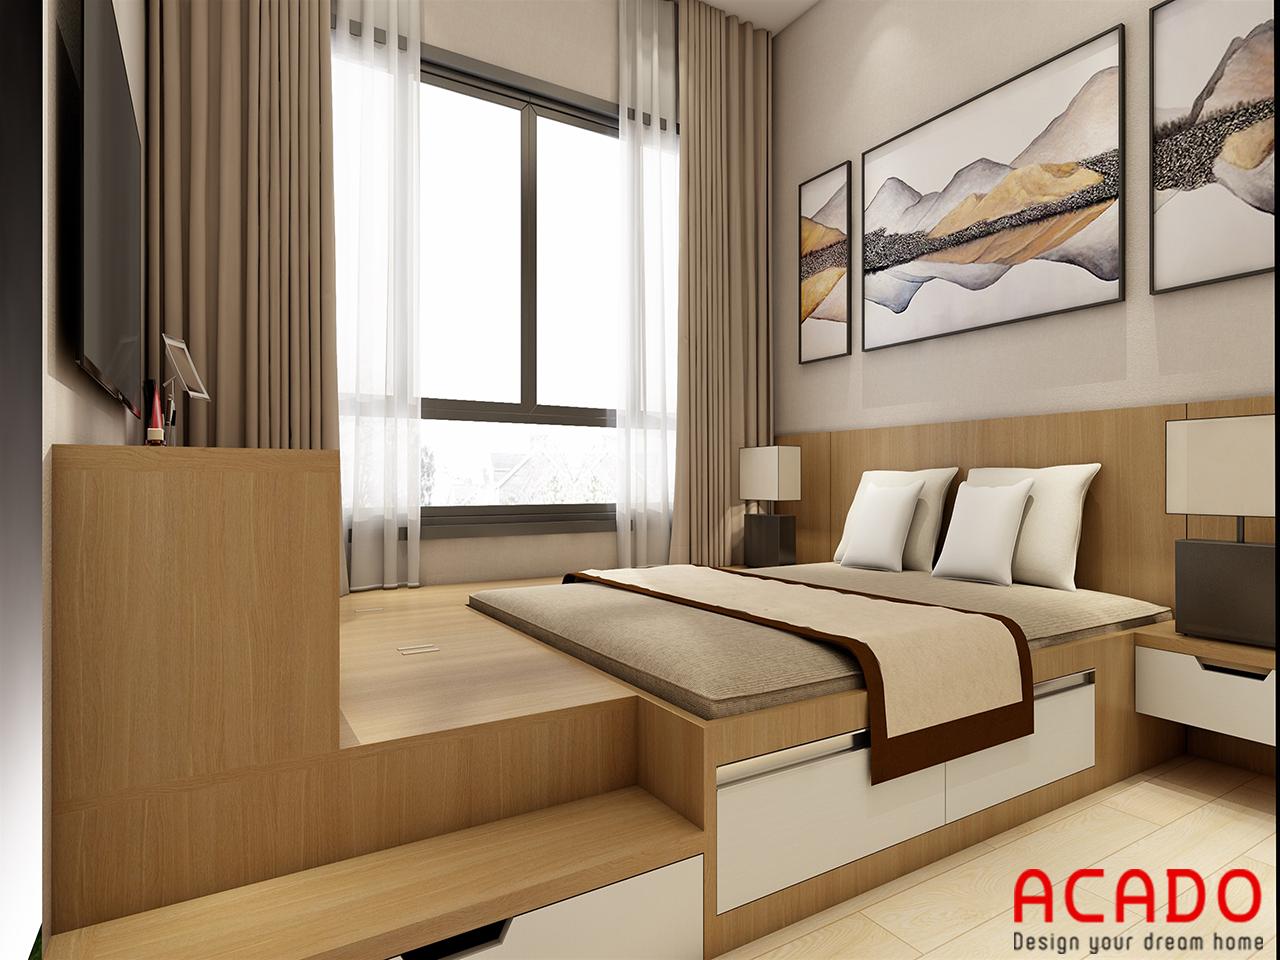 Với các tone màu nhẹ nhàng snag trọng, phòng ngủ tạo cảm giác thoải mái cho người sử dụng